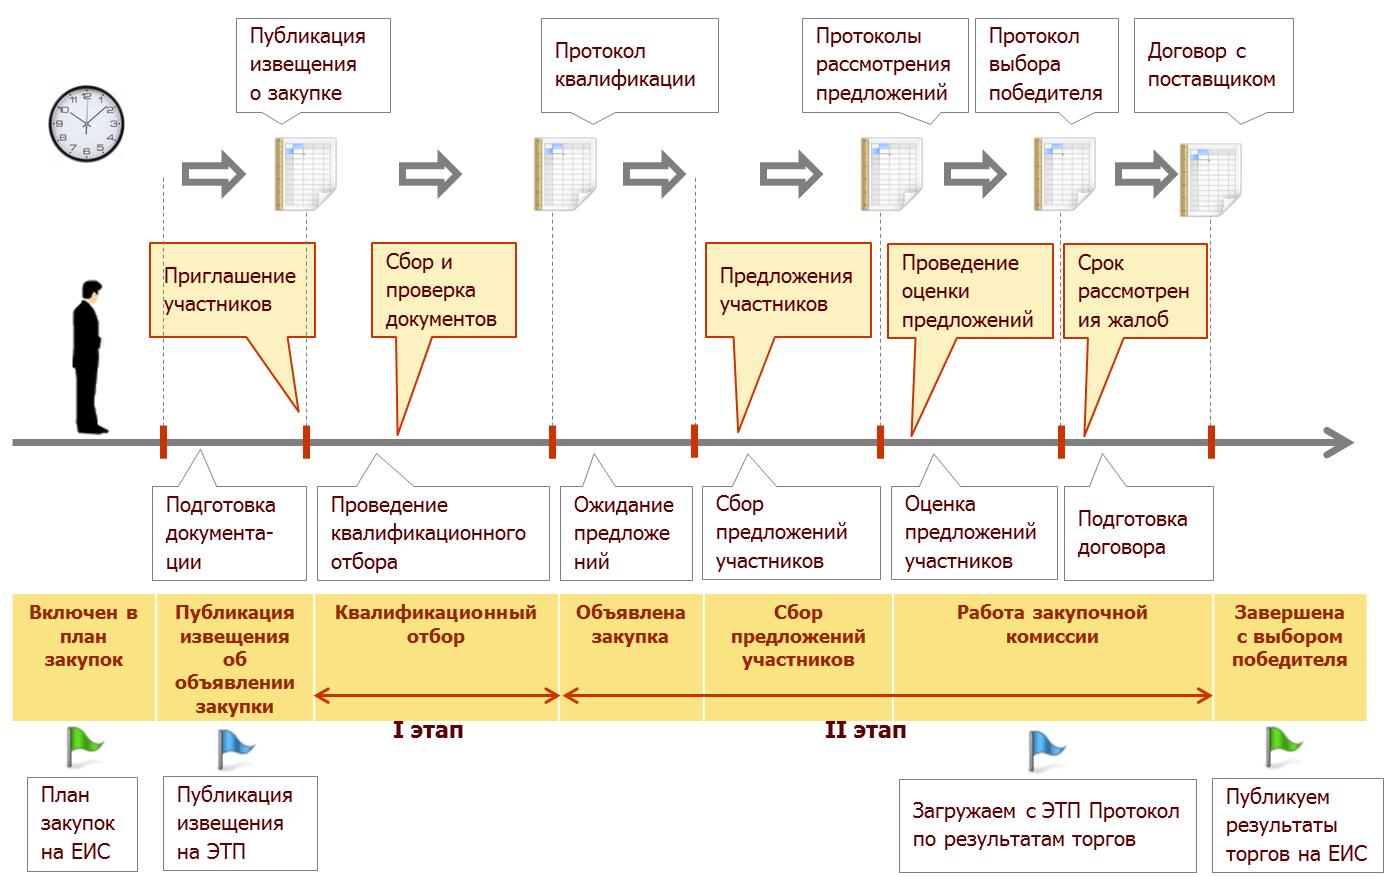 Централизованное управление закупками и активами, Автоматизация закупочной процедуры